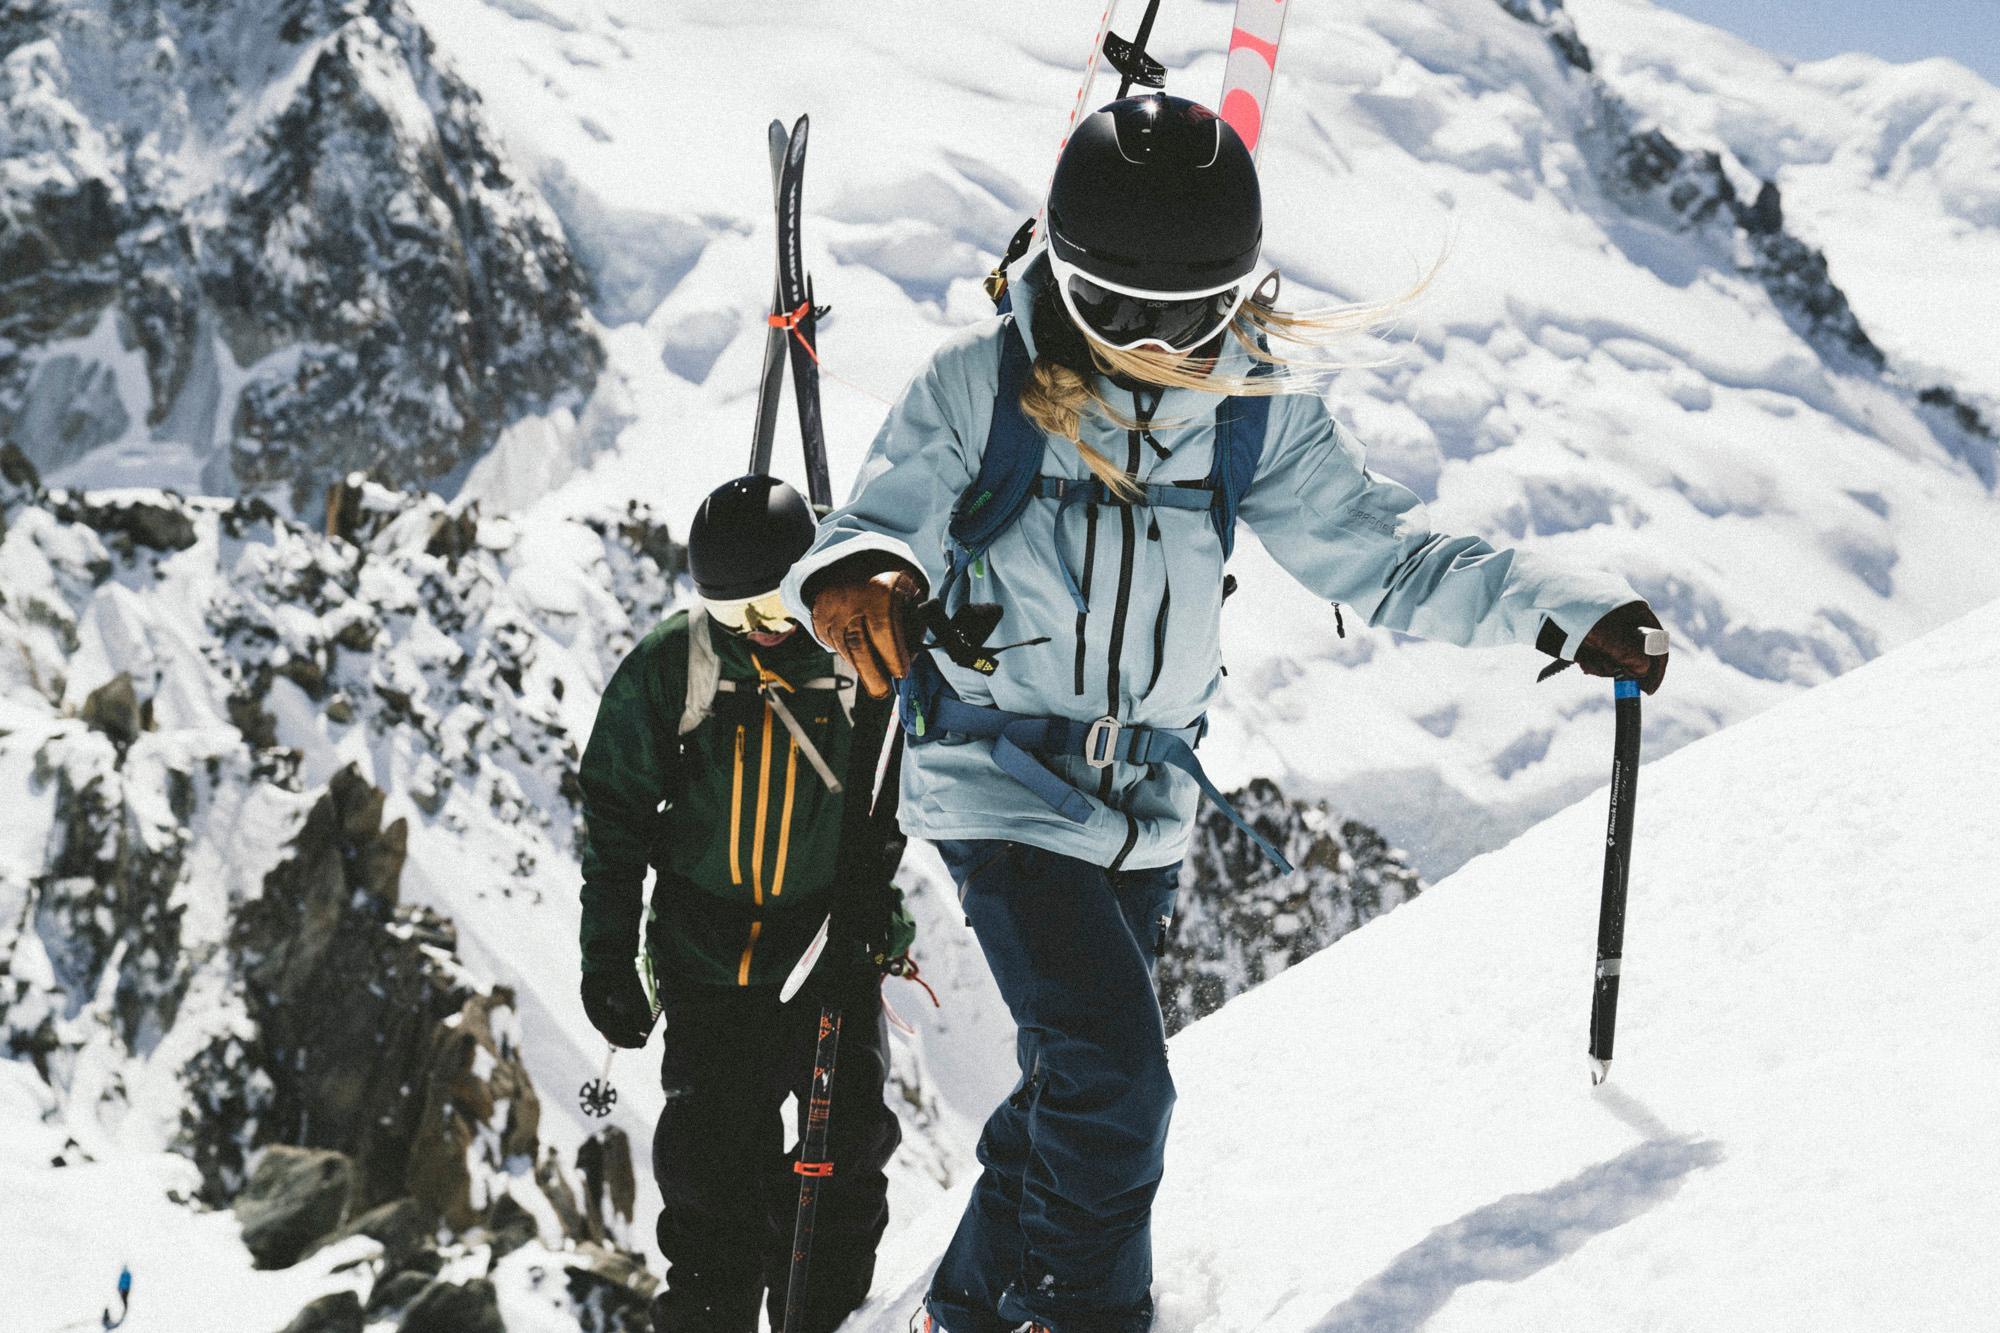 Skitourengehen – Alle Infos zum Trendsport hier bei SportScheck